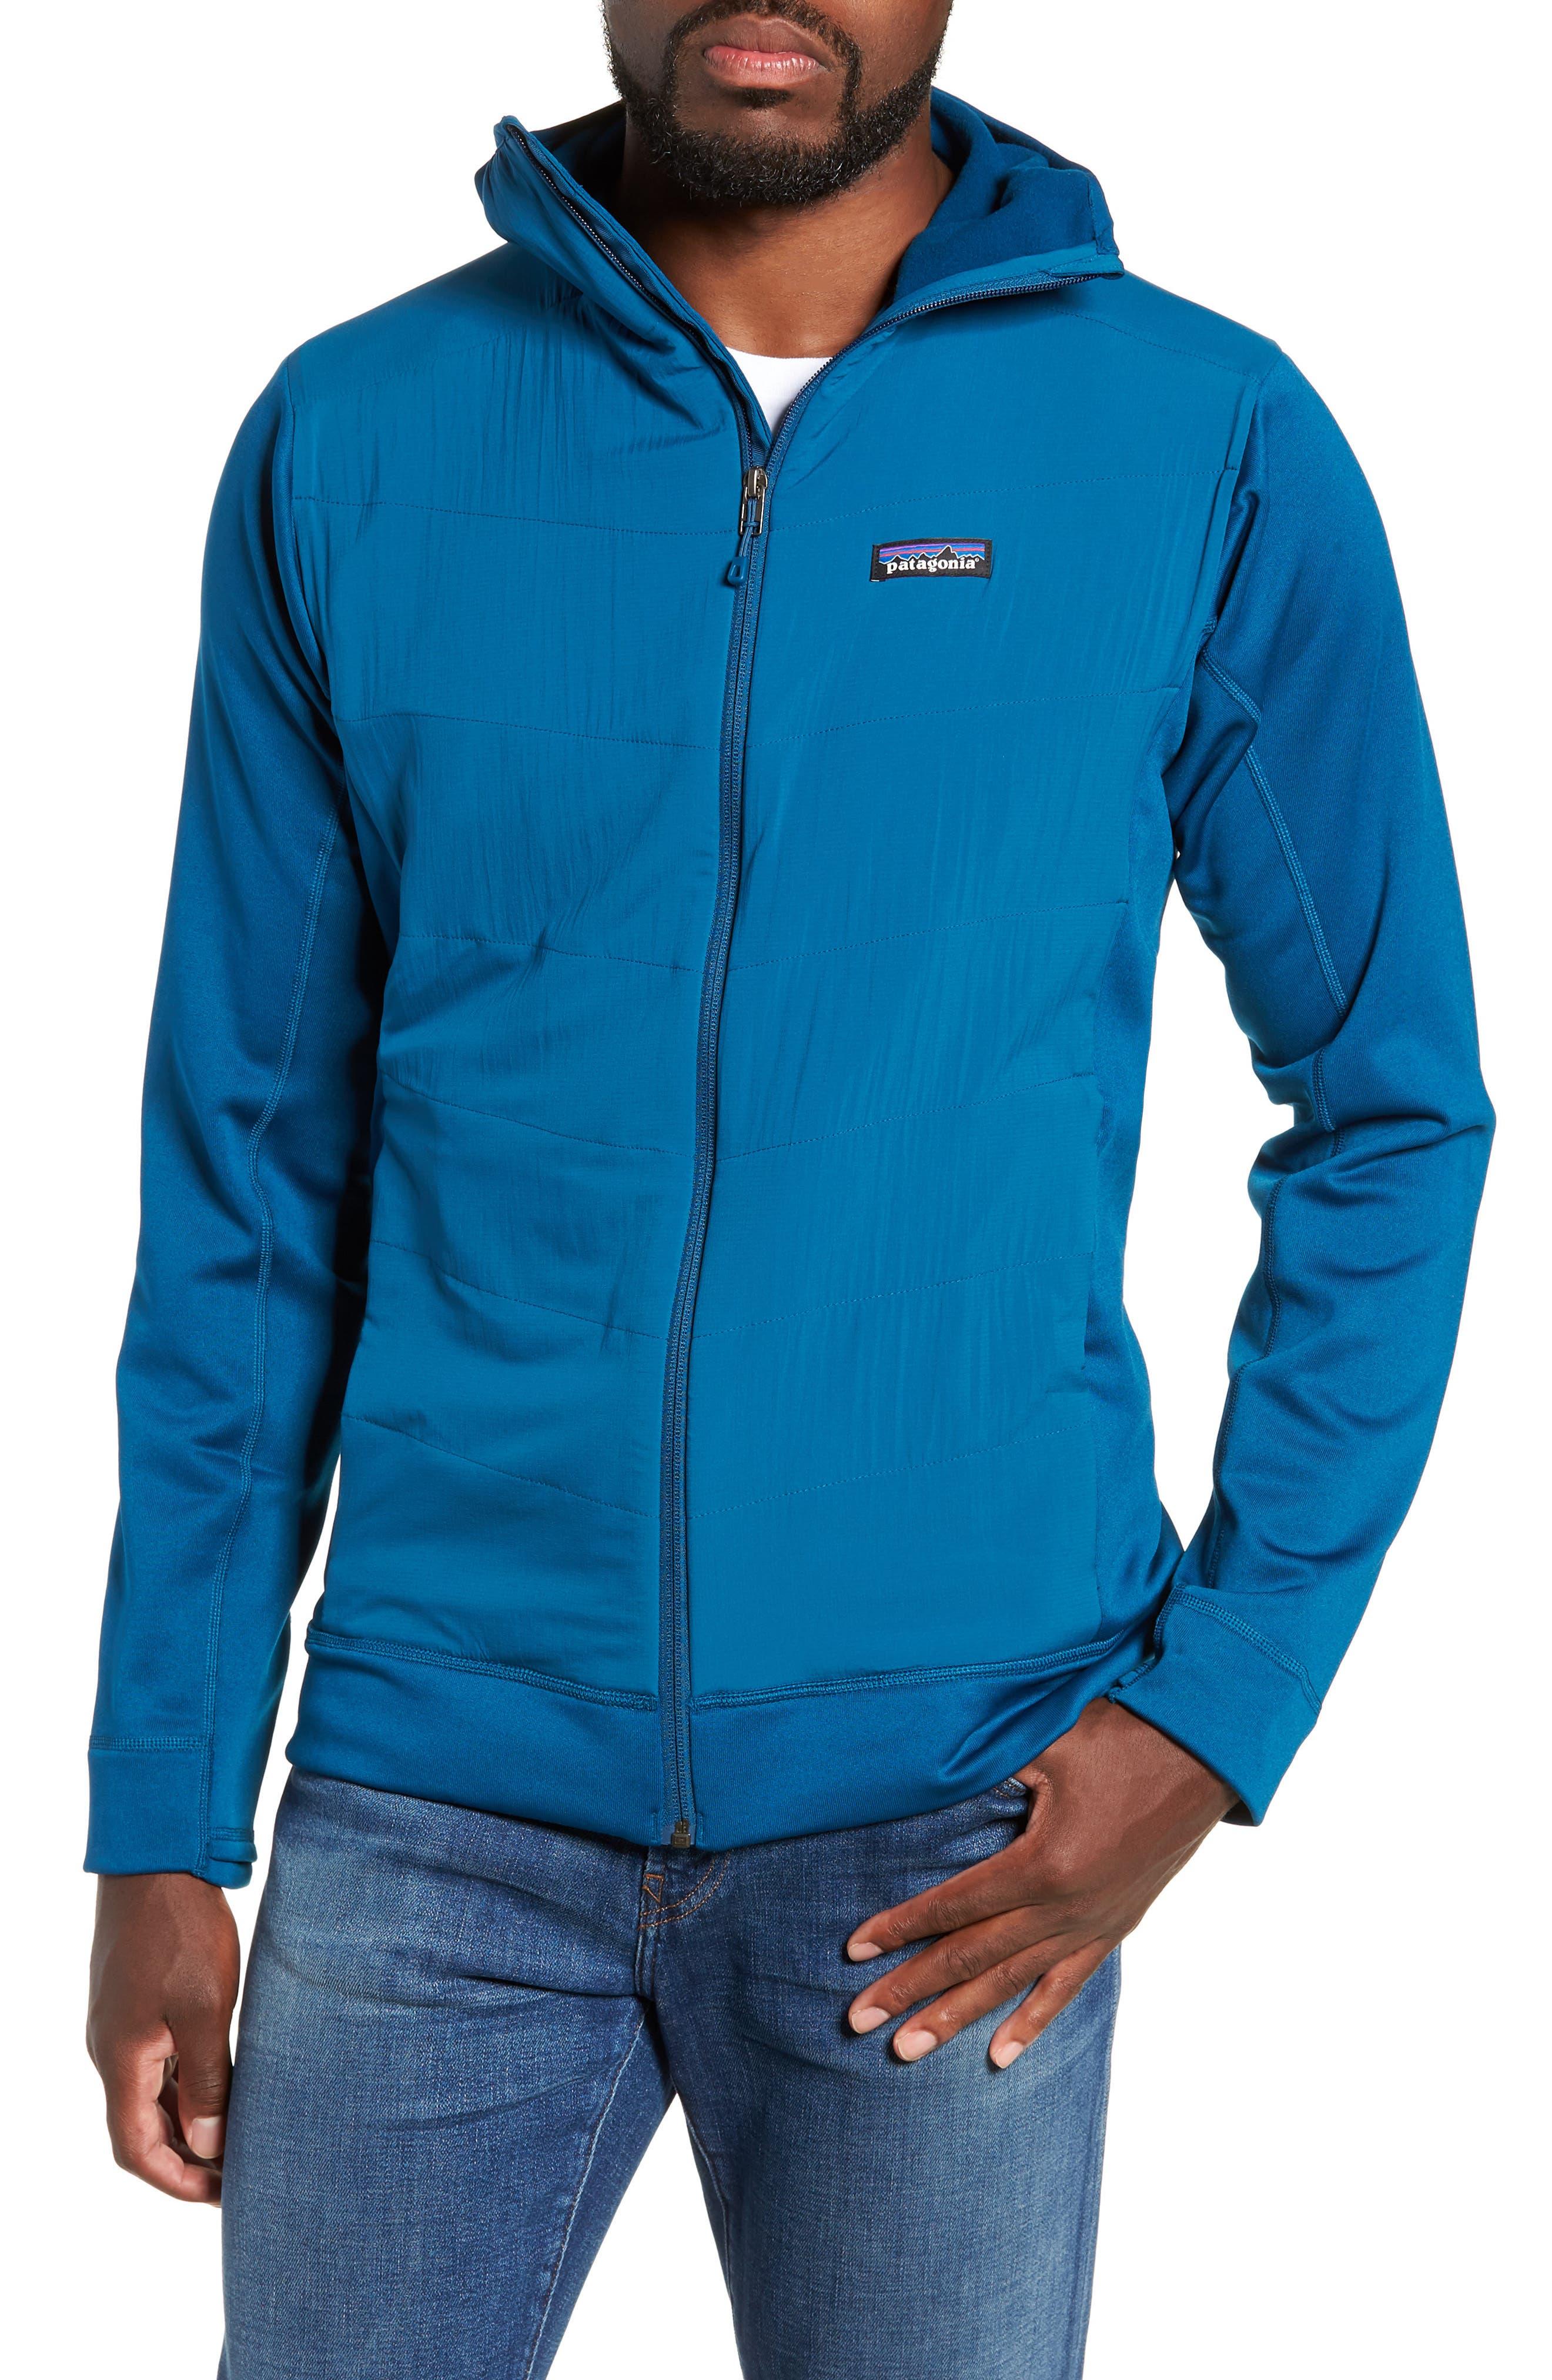 Patagonia Crosstek Hybrid Hooded Jacket, Blue